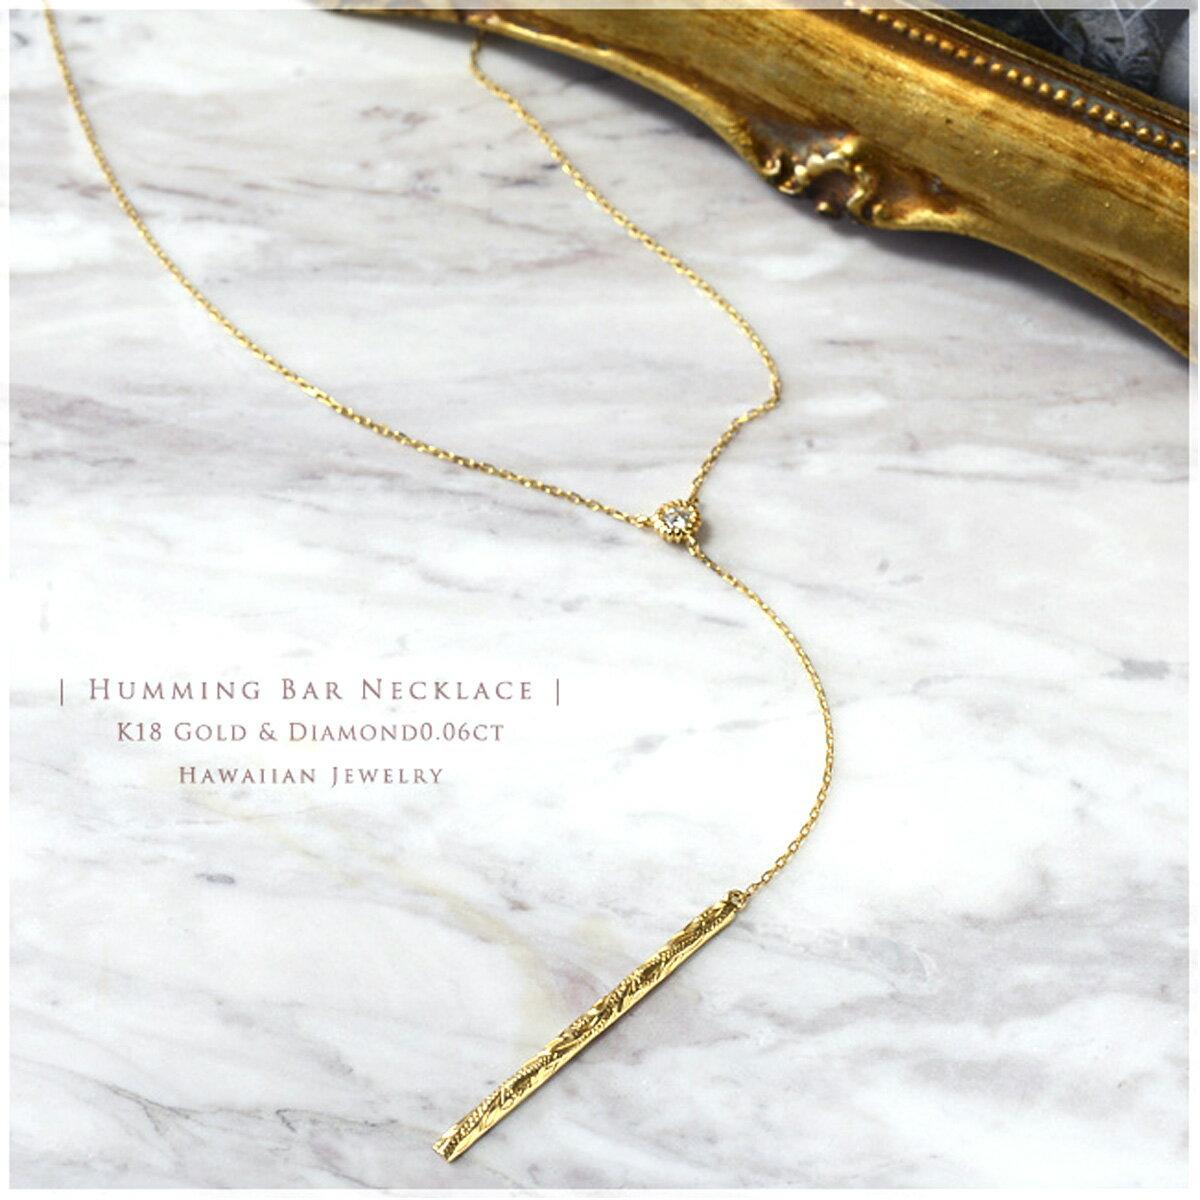 ネックレス レディース 女性 ハワイアンジュエリー K18 ゴールド オパールまたは ダイヤモンド 0.06ct ハミング バー Y字 イエローゴールド 華奢 シンプル ペンダントane1192 ホワイトデー プレゼント ギフト